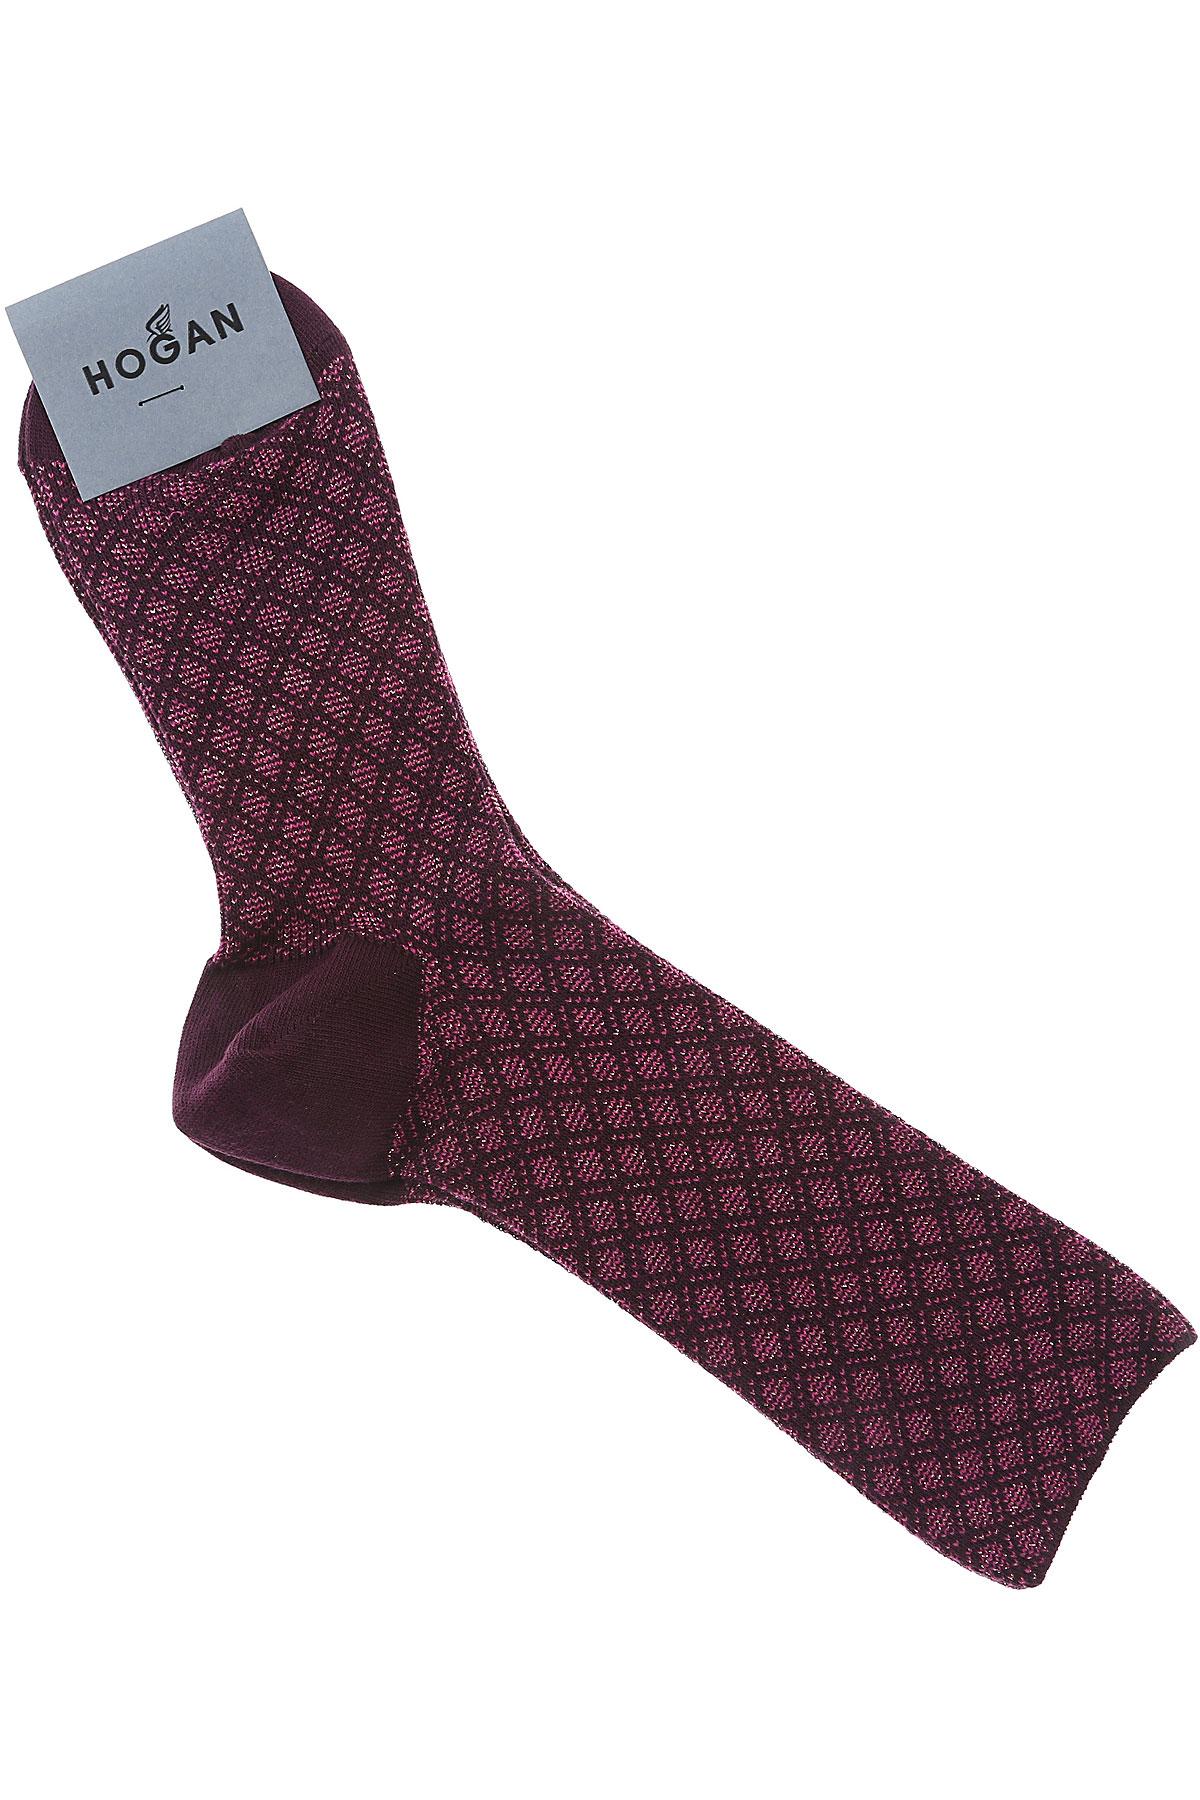 Image of Hogan Socks, Violet, Cotton, 2017